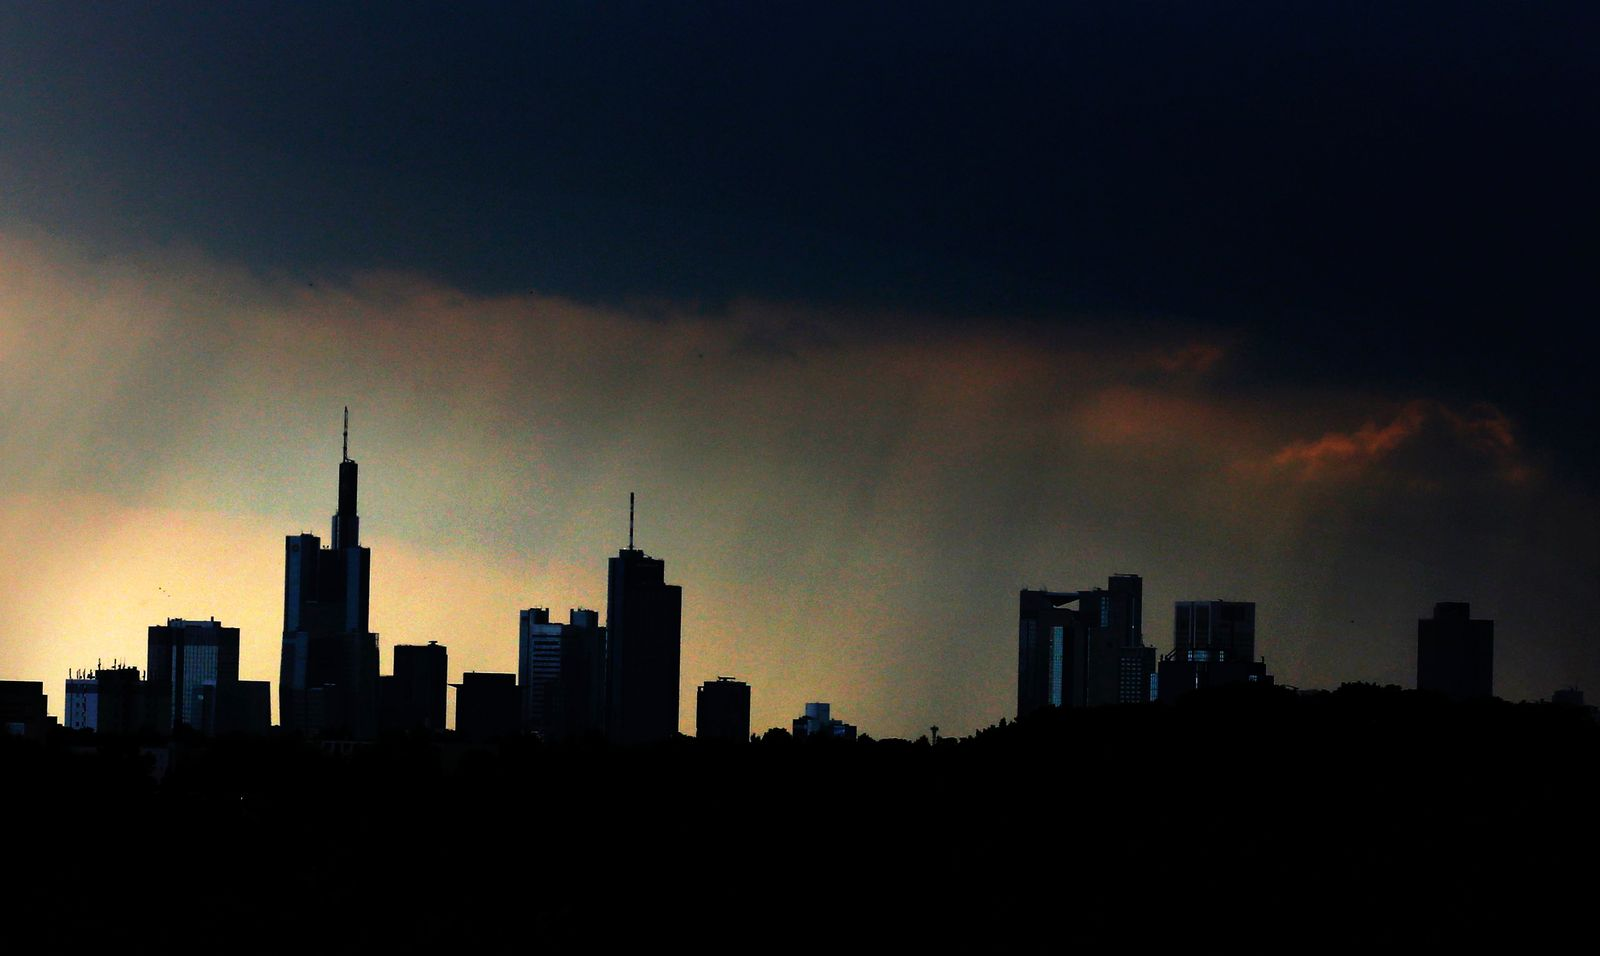 NICHT VERWENDEN Frankfurt / Banken / Skyline / Banken-Viertel / Dunkle Wolken